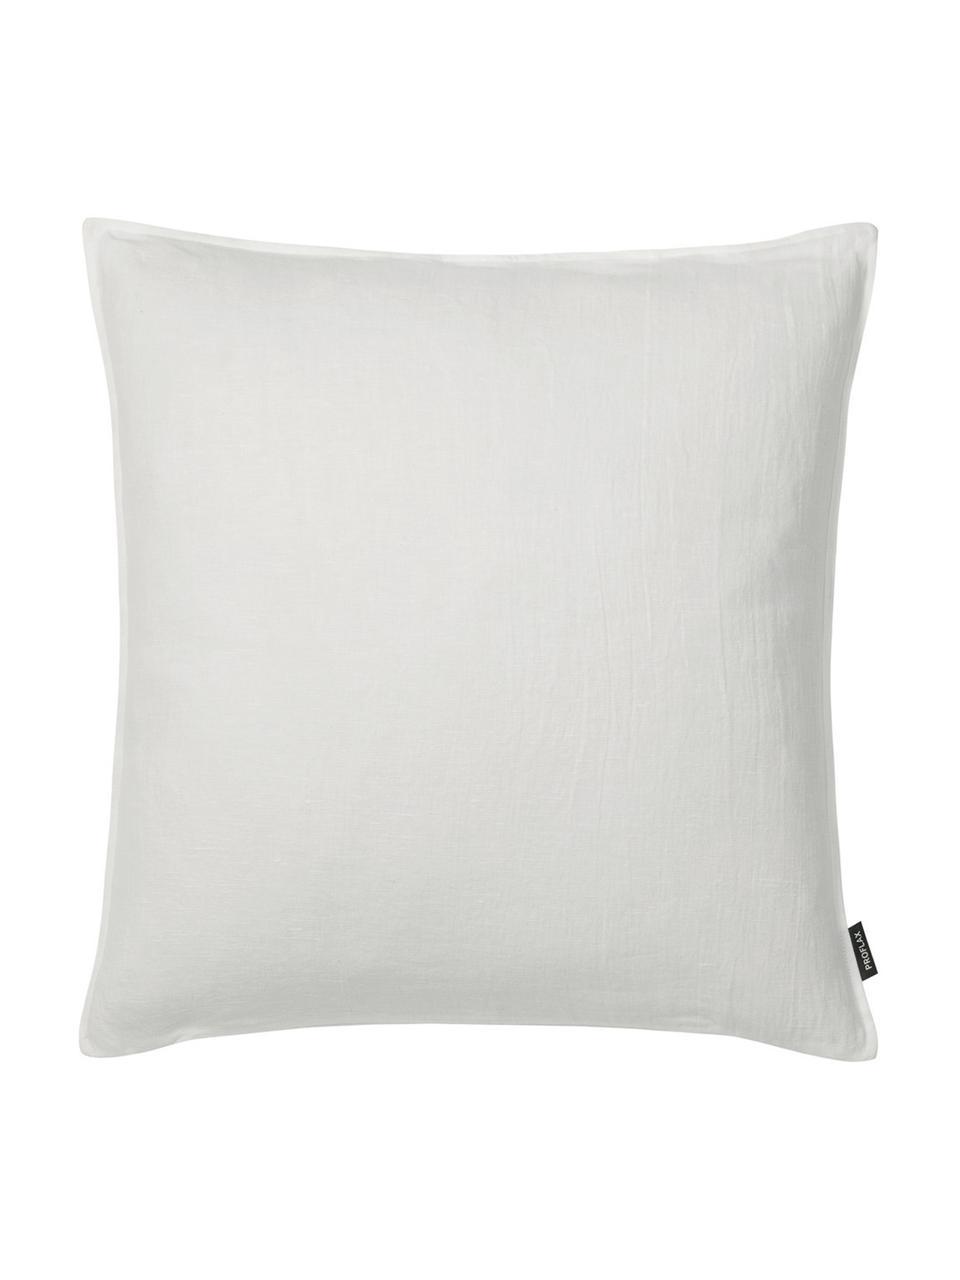 Gewaschene Leinen-Kissenhülle Sven in Offwhite, 100% Leinen, Gebrochenes Weiß, 60 x 60 cm